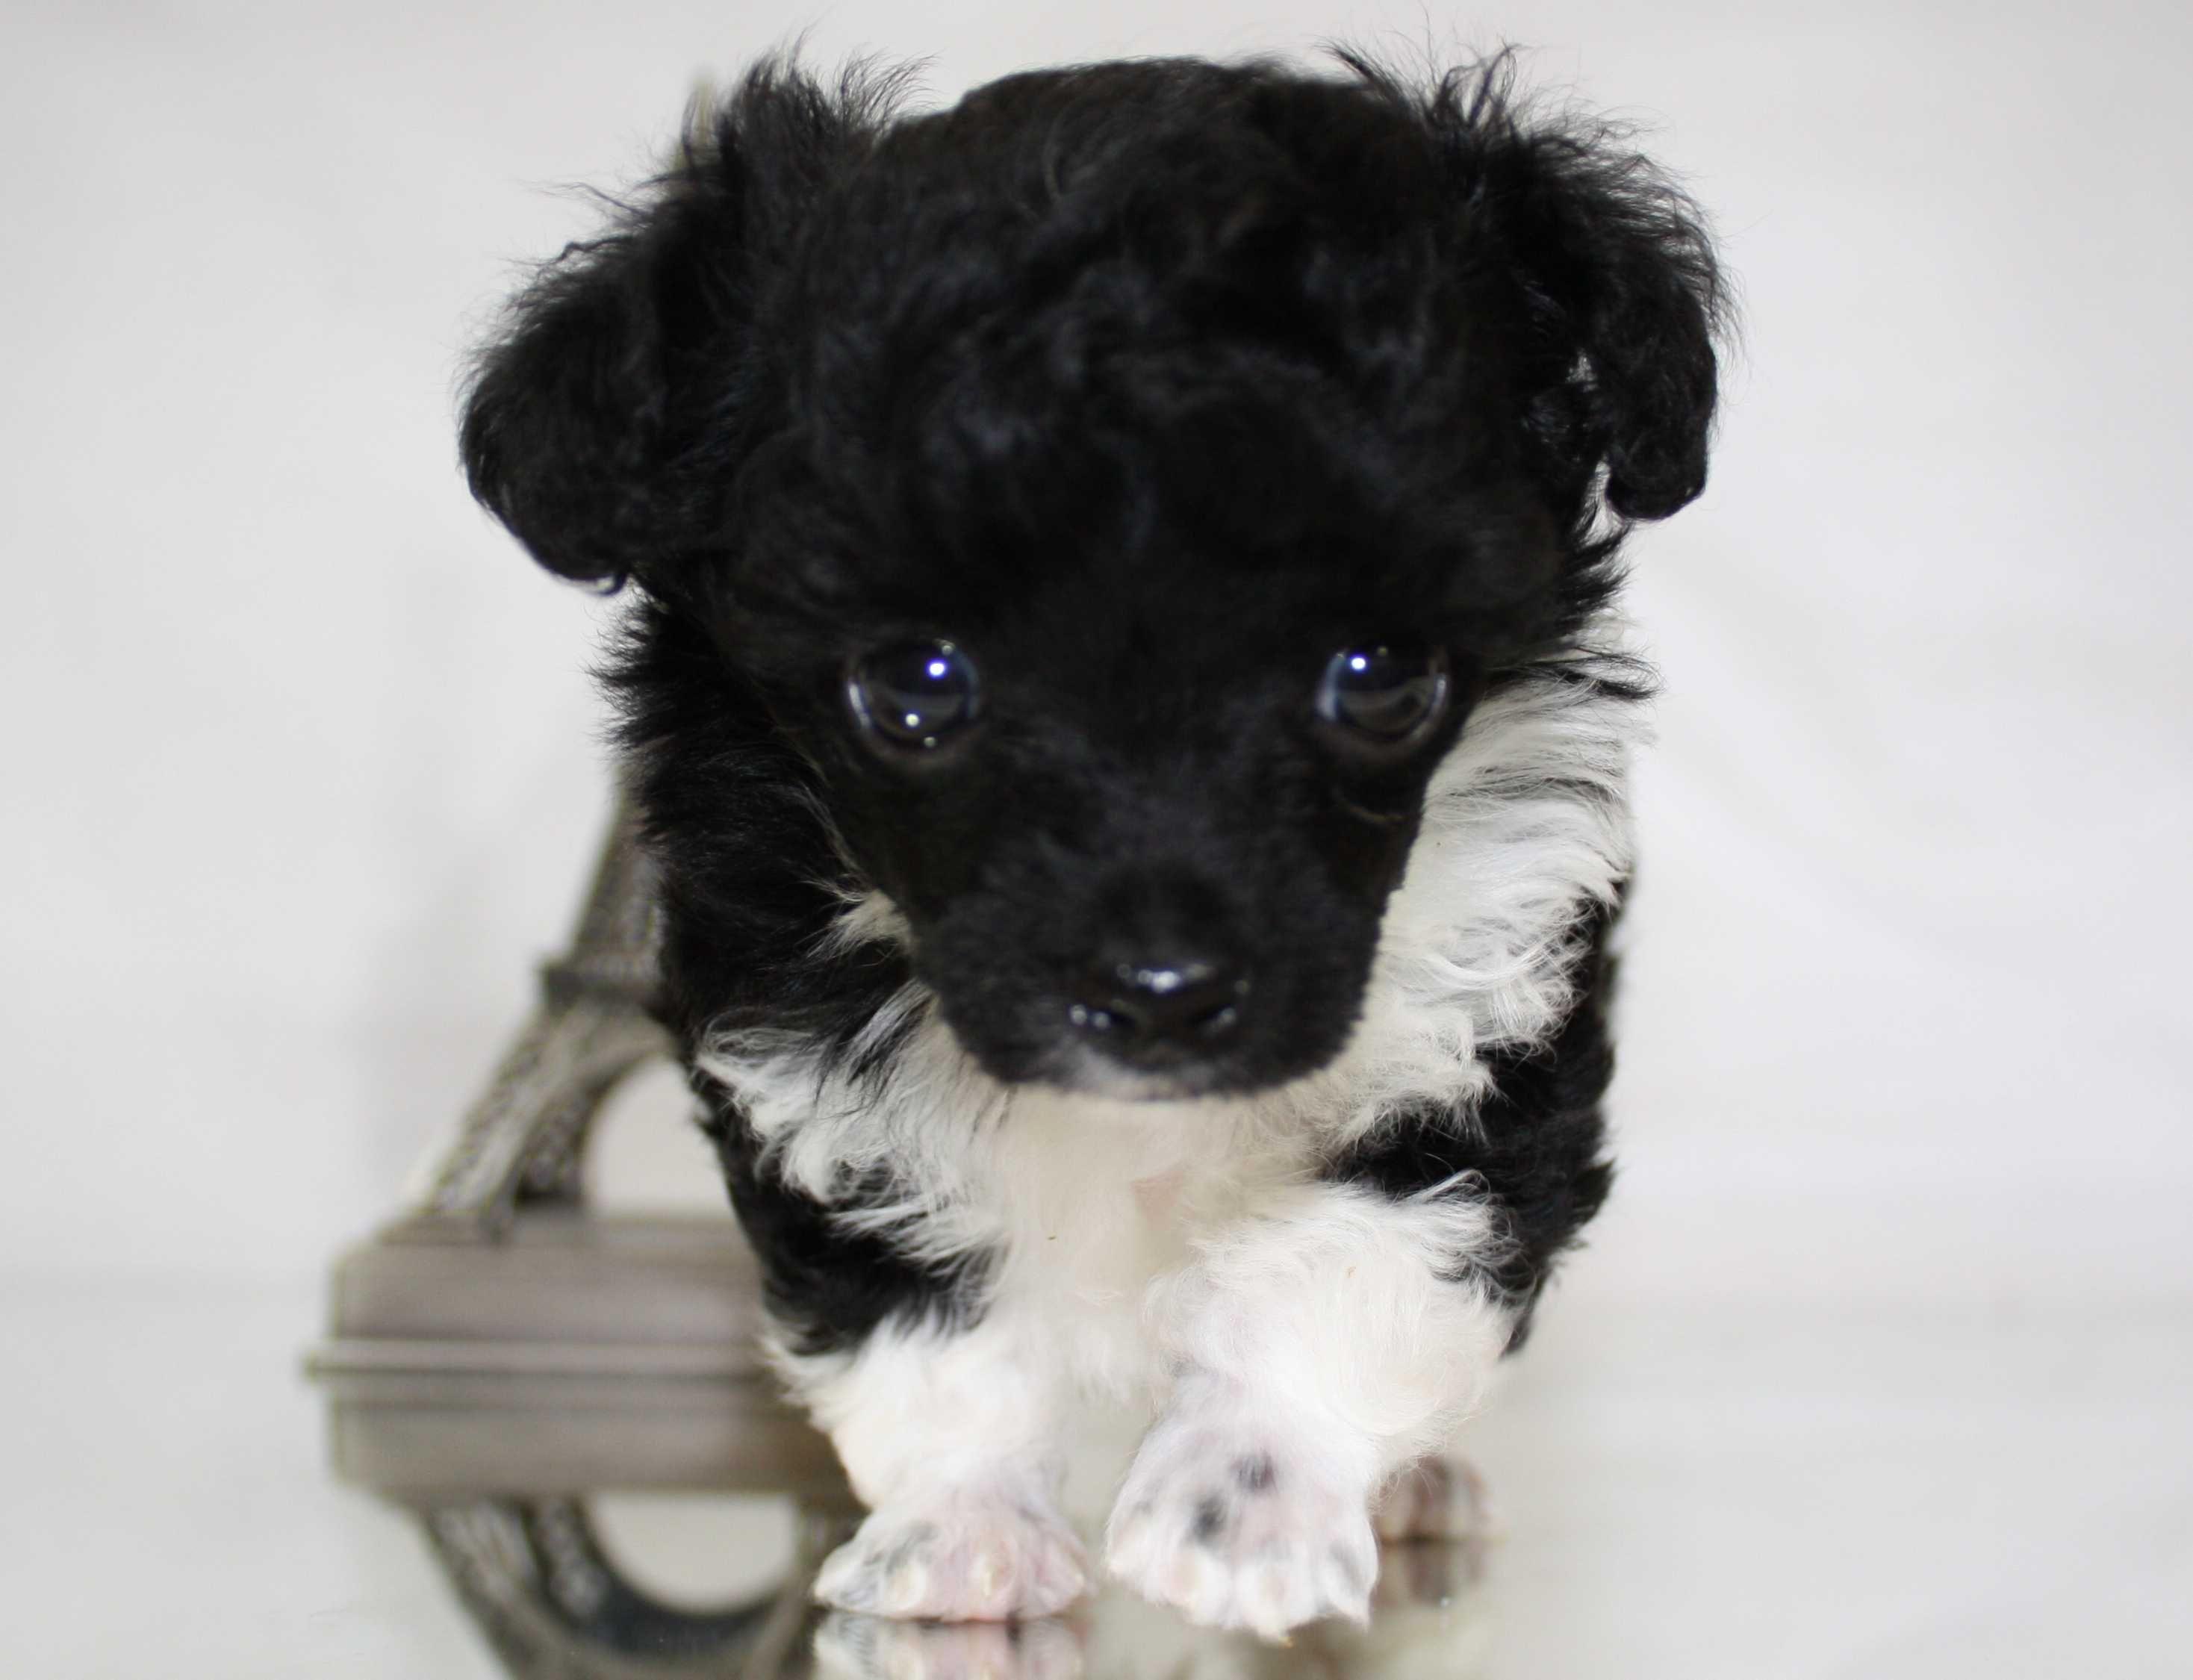 Little Fuzzy Teacup Poodles Tea Cup Poodle Poodle Puppy Poodle